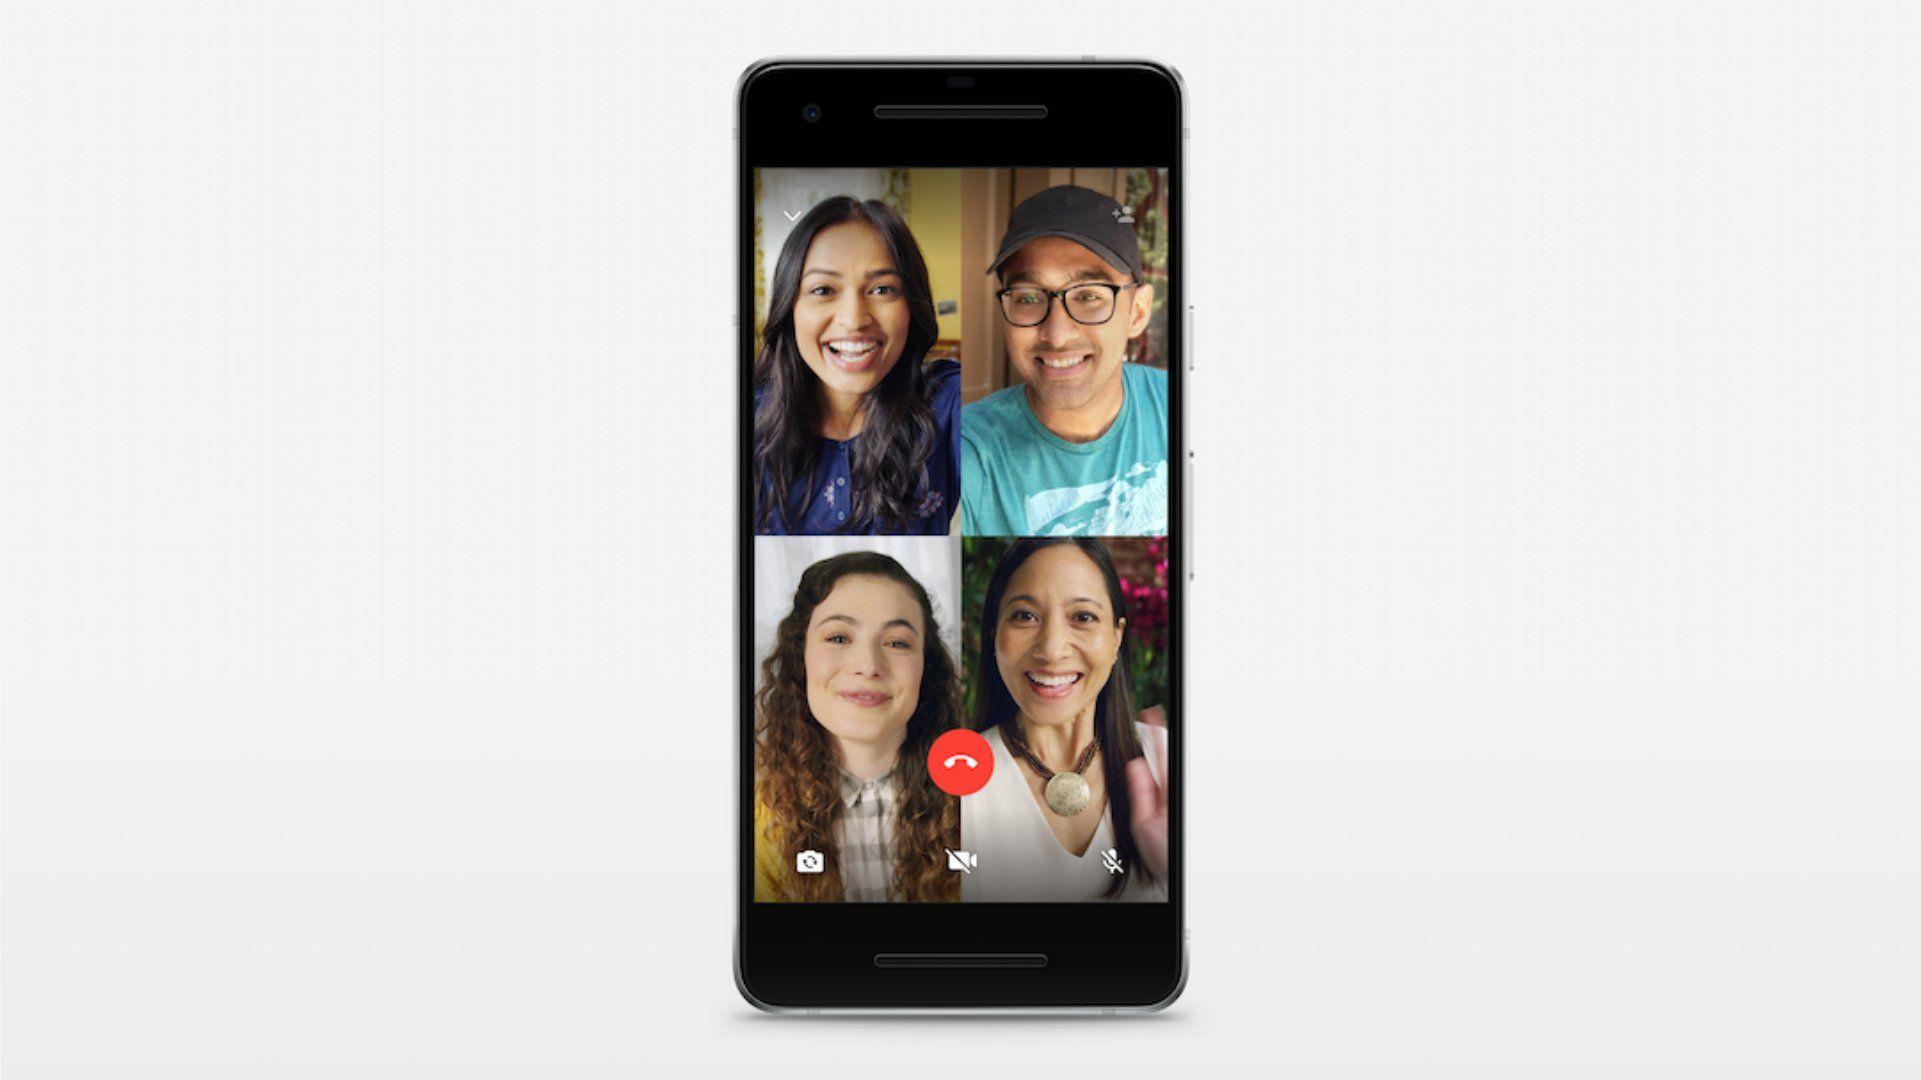 Le videochiamate di WhatsApp sono ufficiali: come utilizzarle su Android e iOS